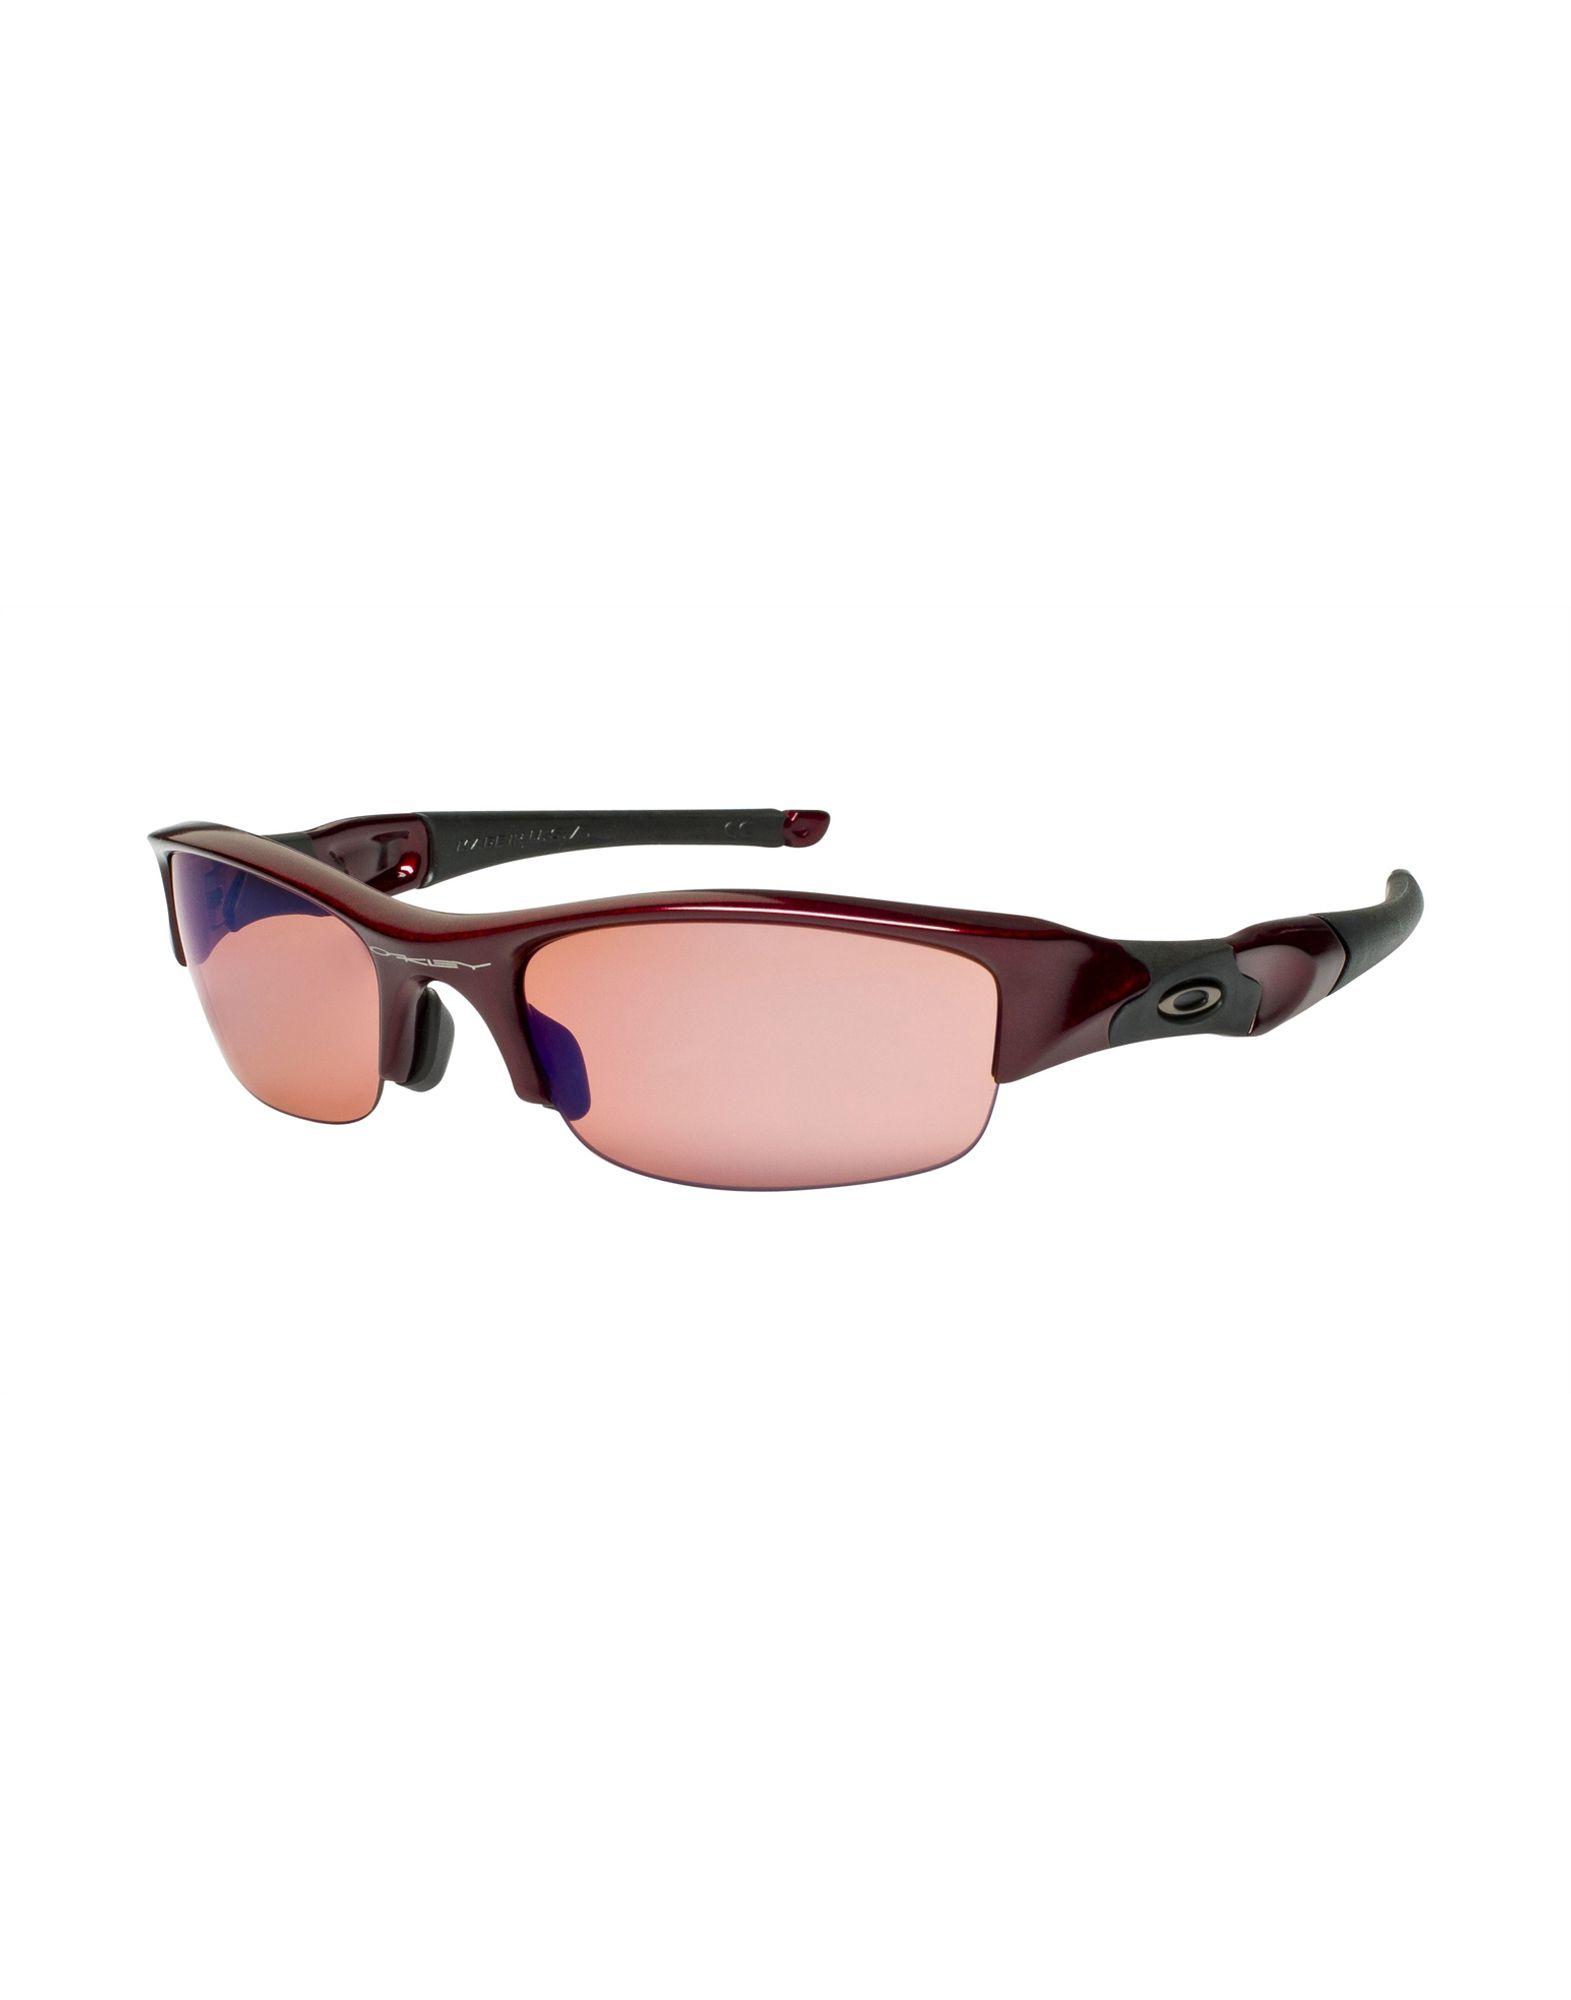 671e79ec97 Red Oakley Sunglasses For Men « Heritage Malta